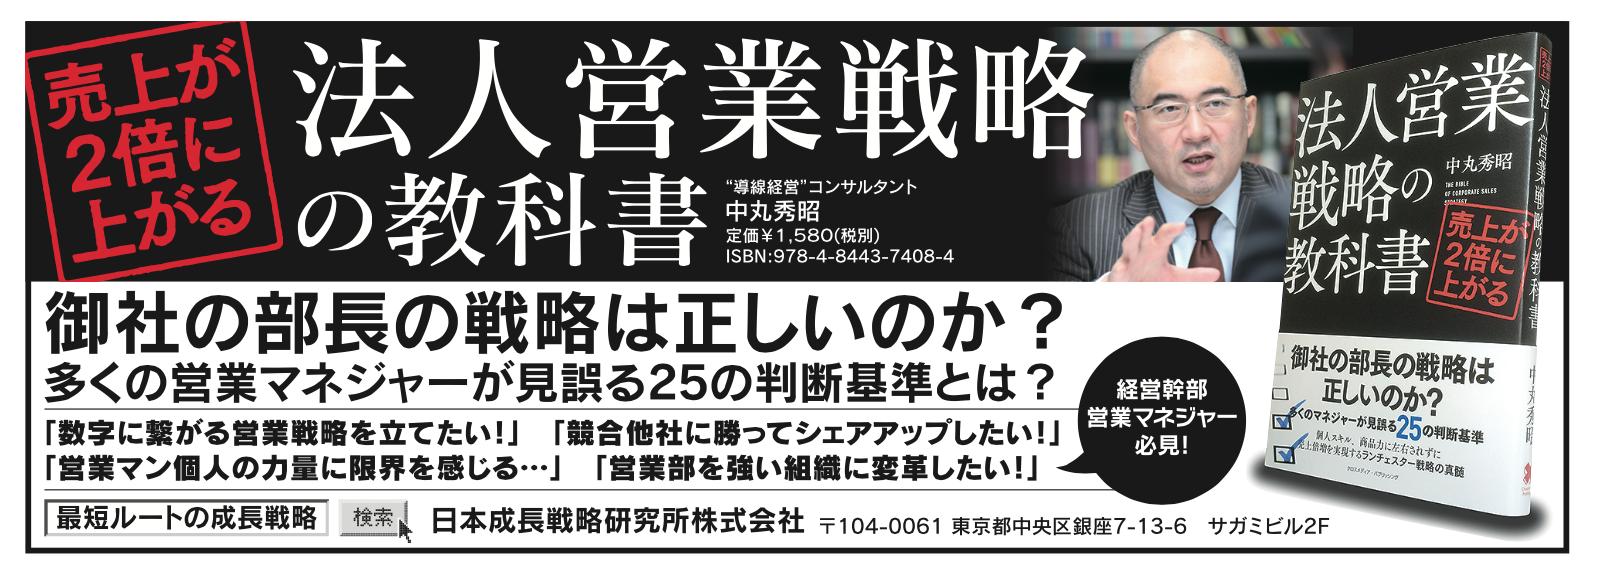 西日本新聞書籍広告